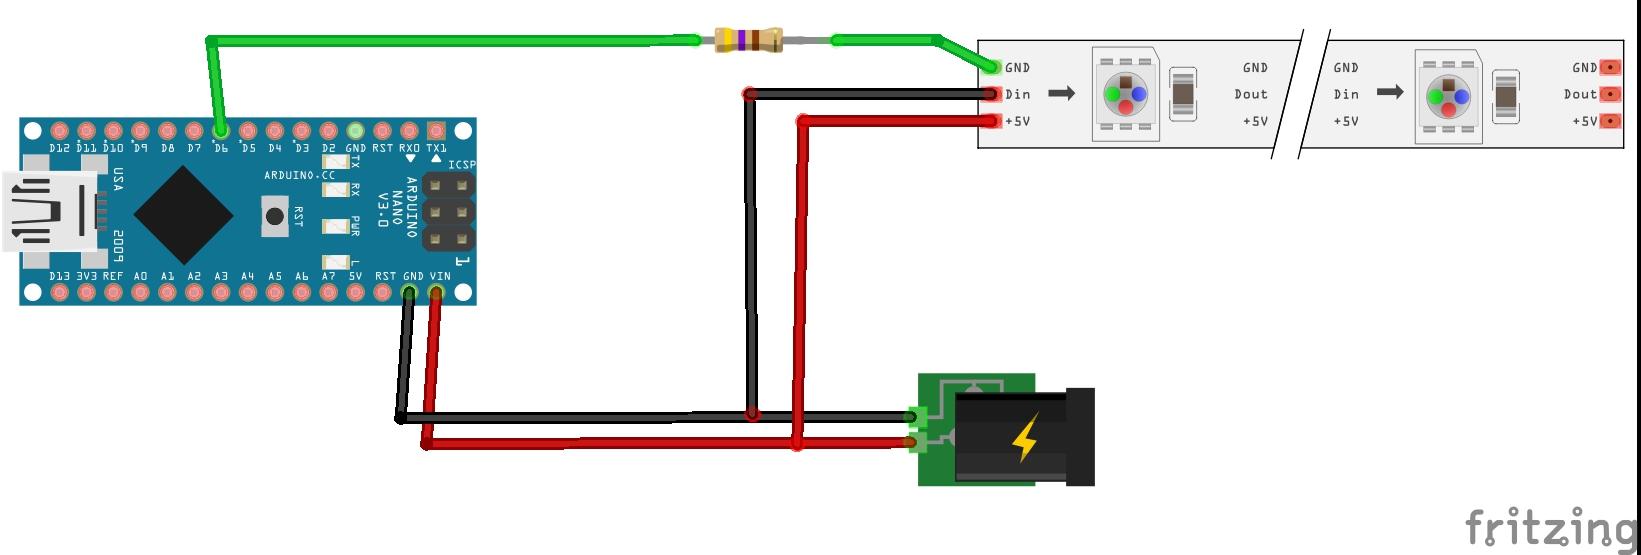 How to Configure NeoPixels Using Vixen Lights and Arduino - Hackster io